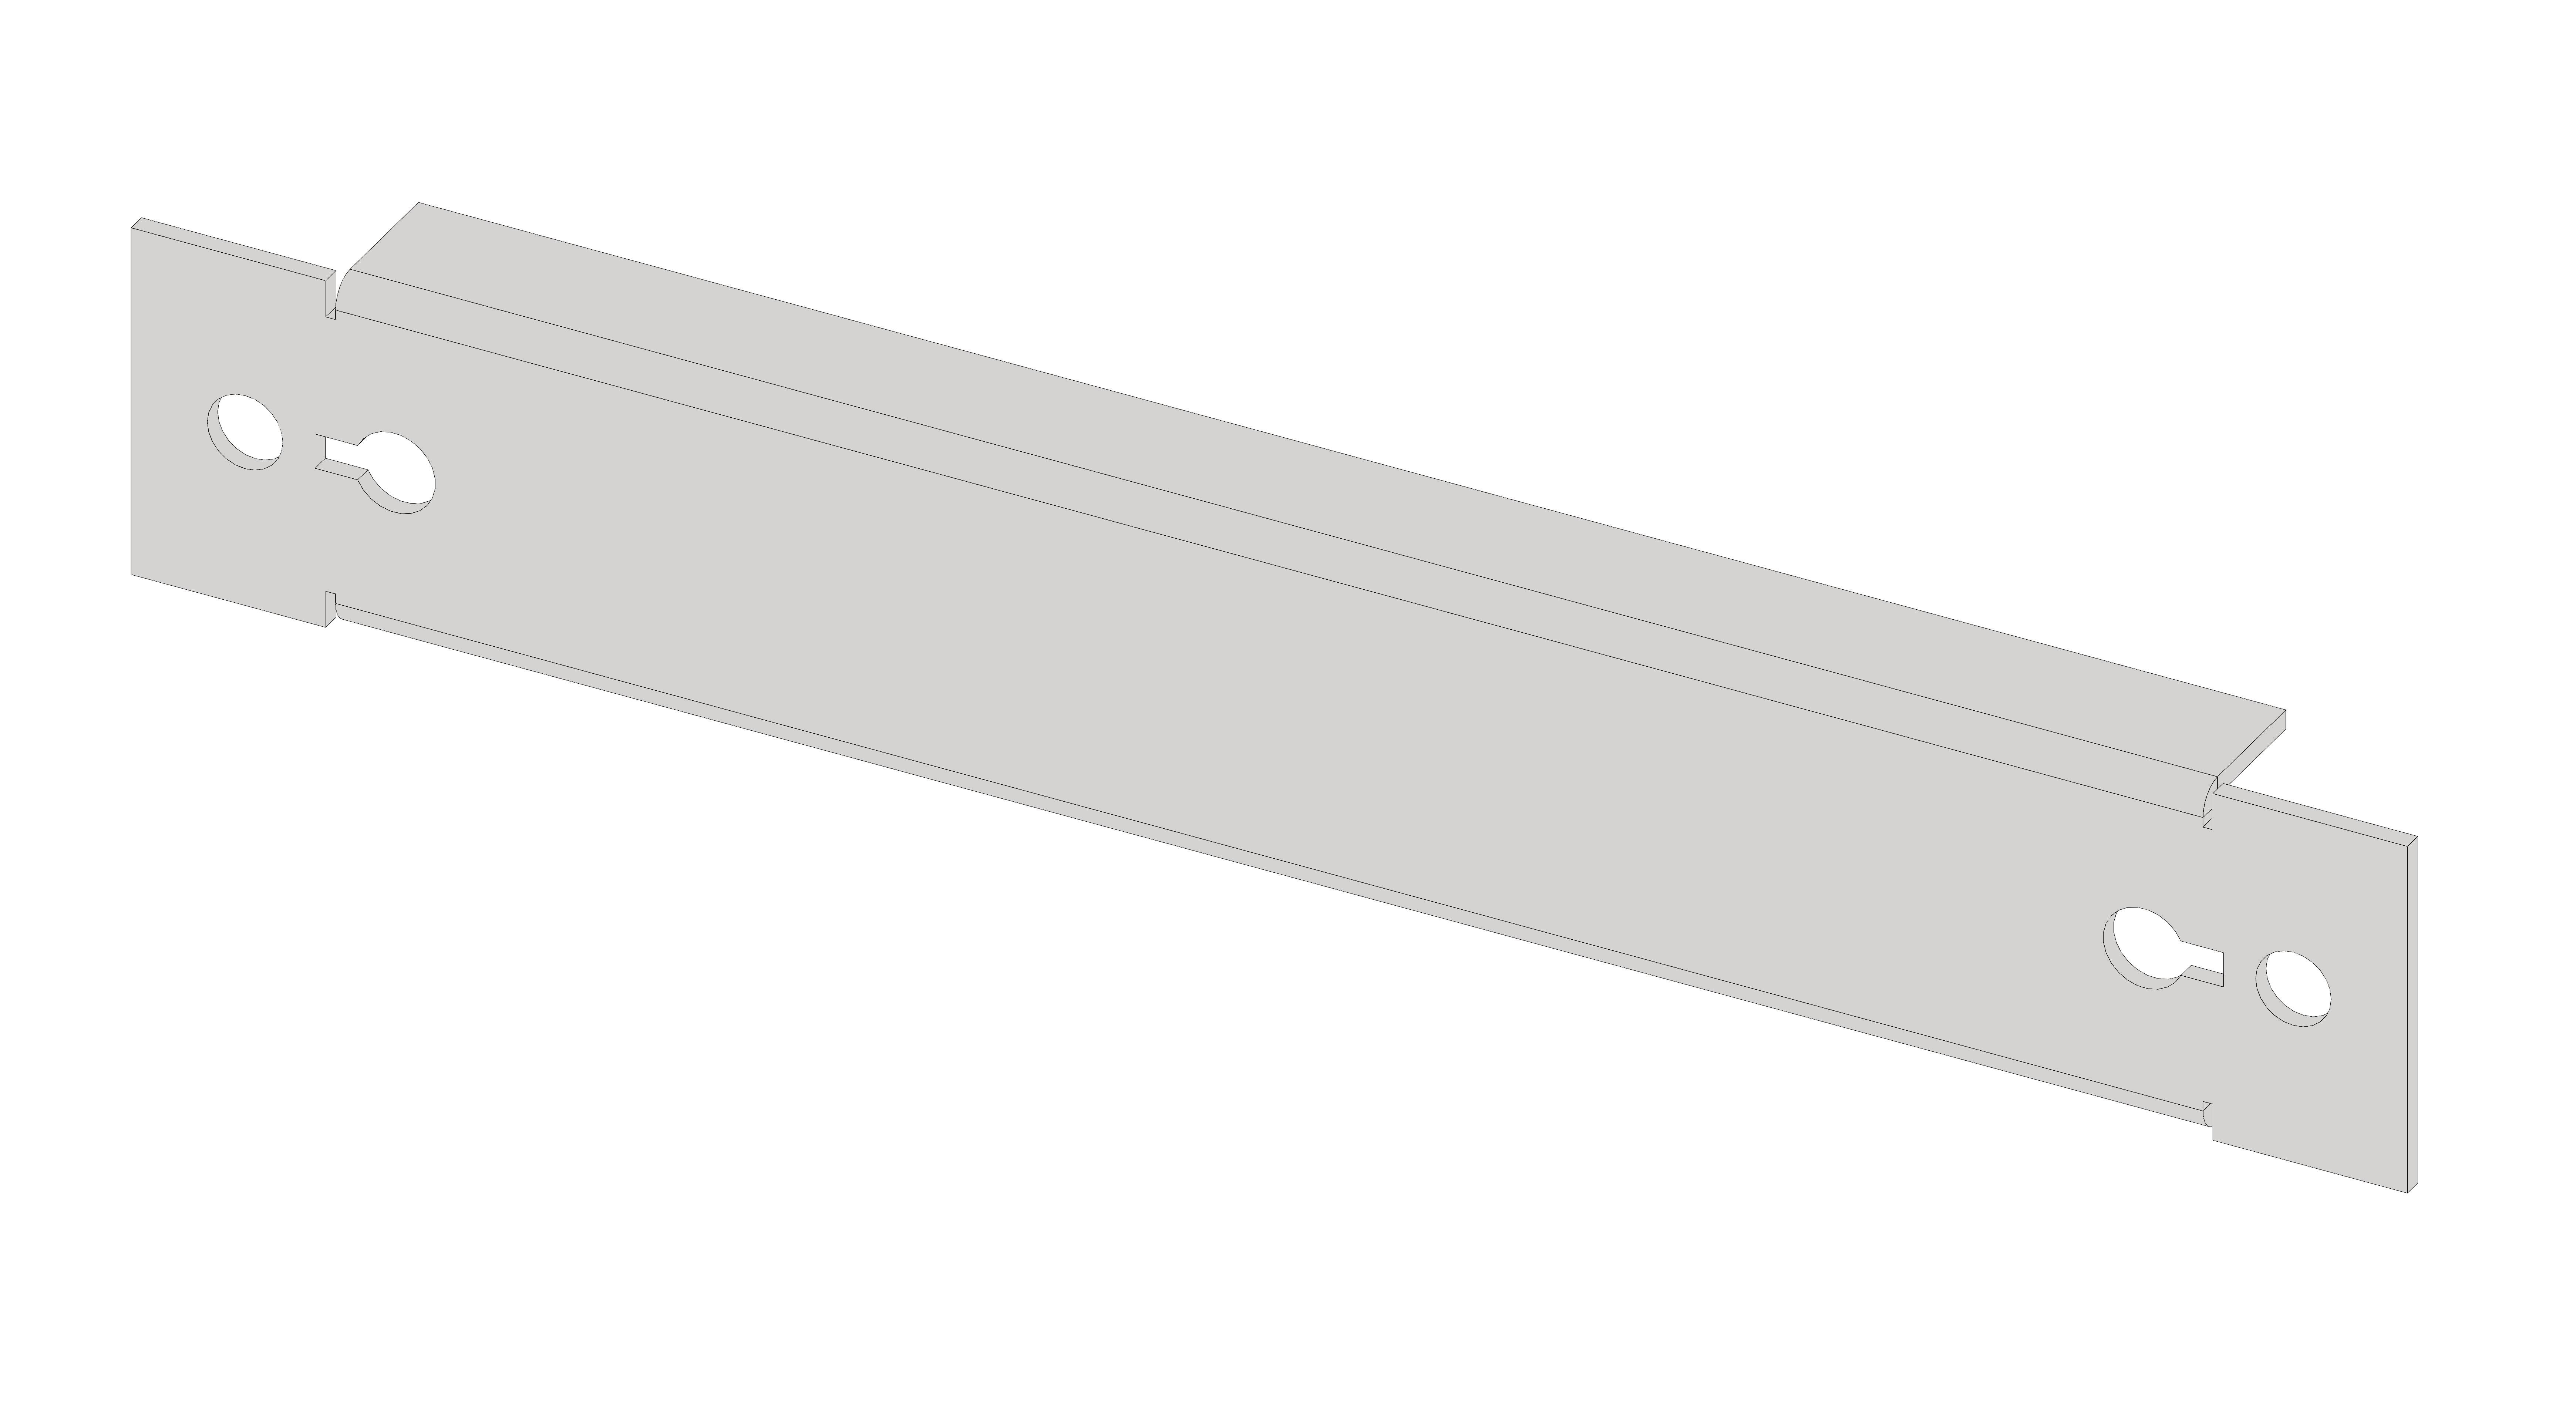 1 Stk Blindfrontplatte 1B1K Kunststoff IL066101-H